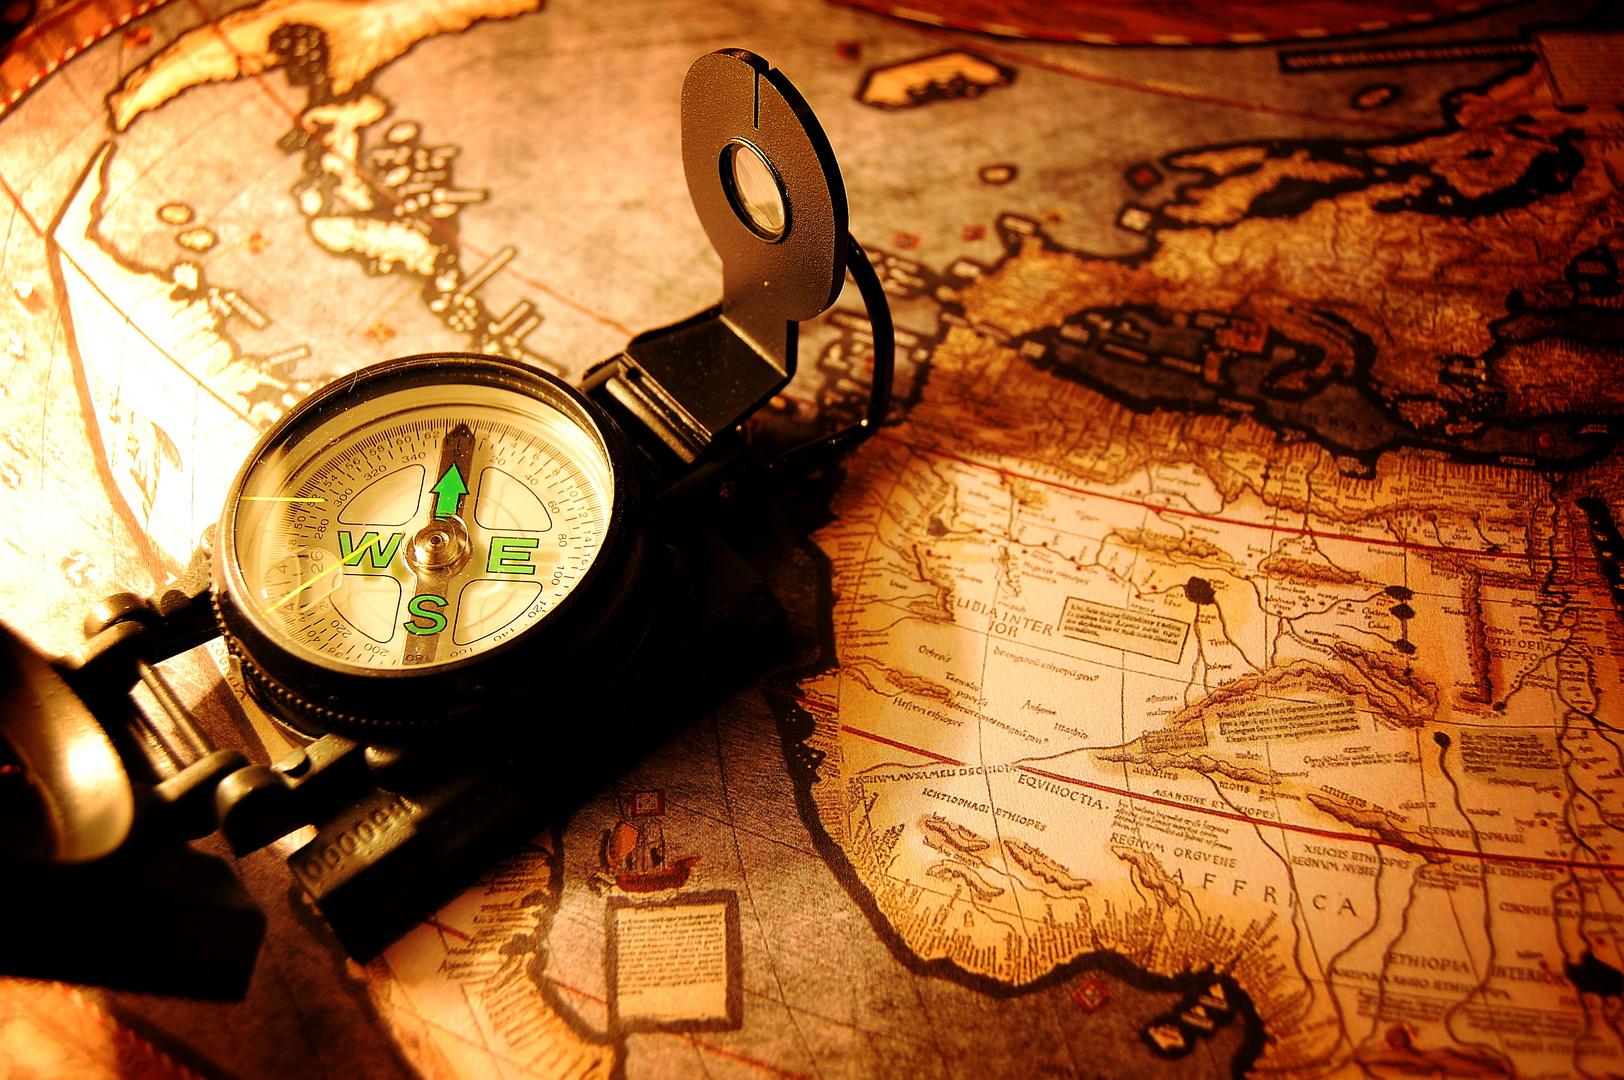 Auf Weltreise...